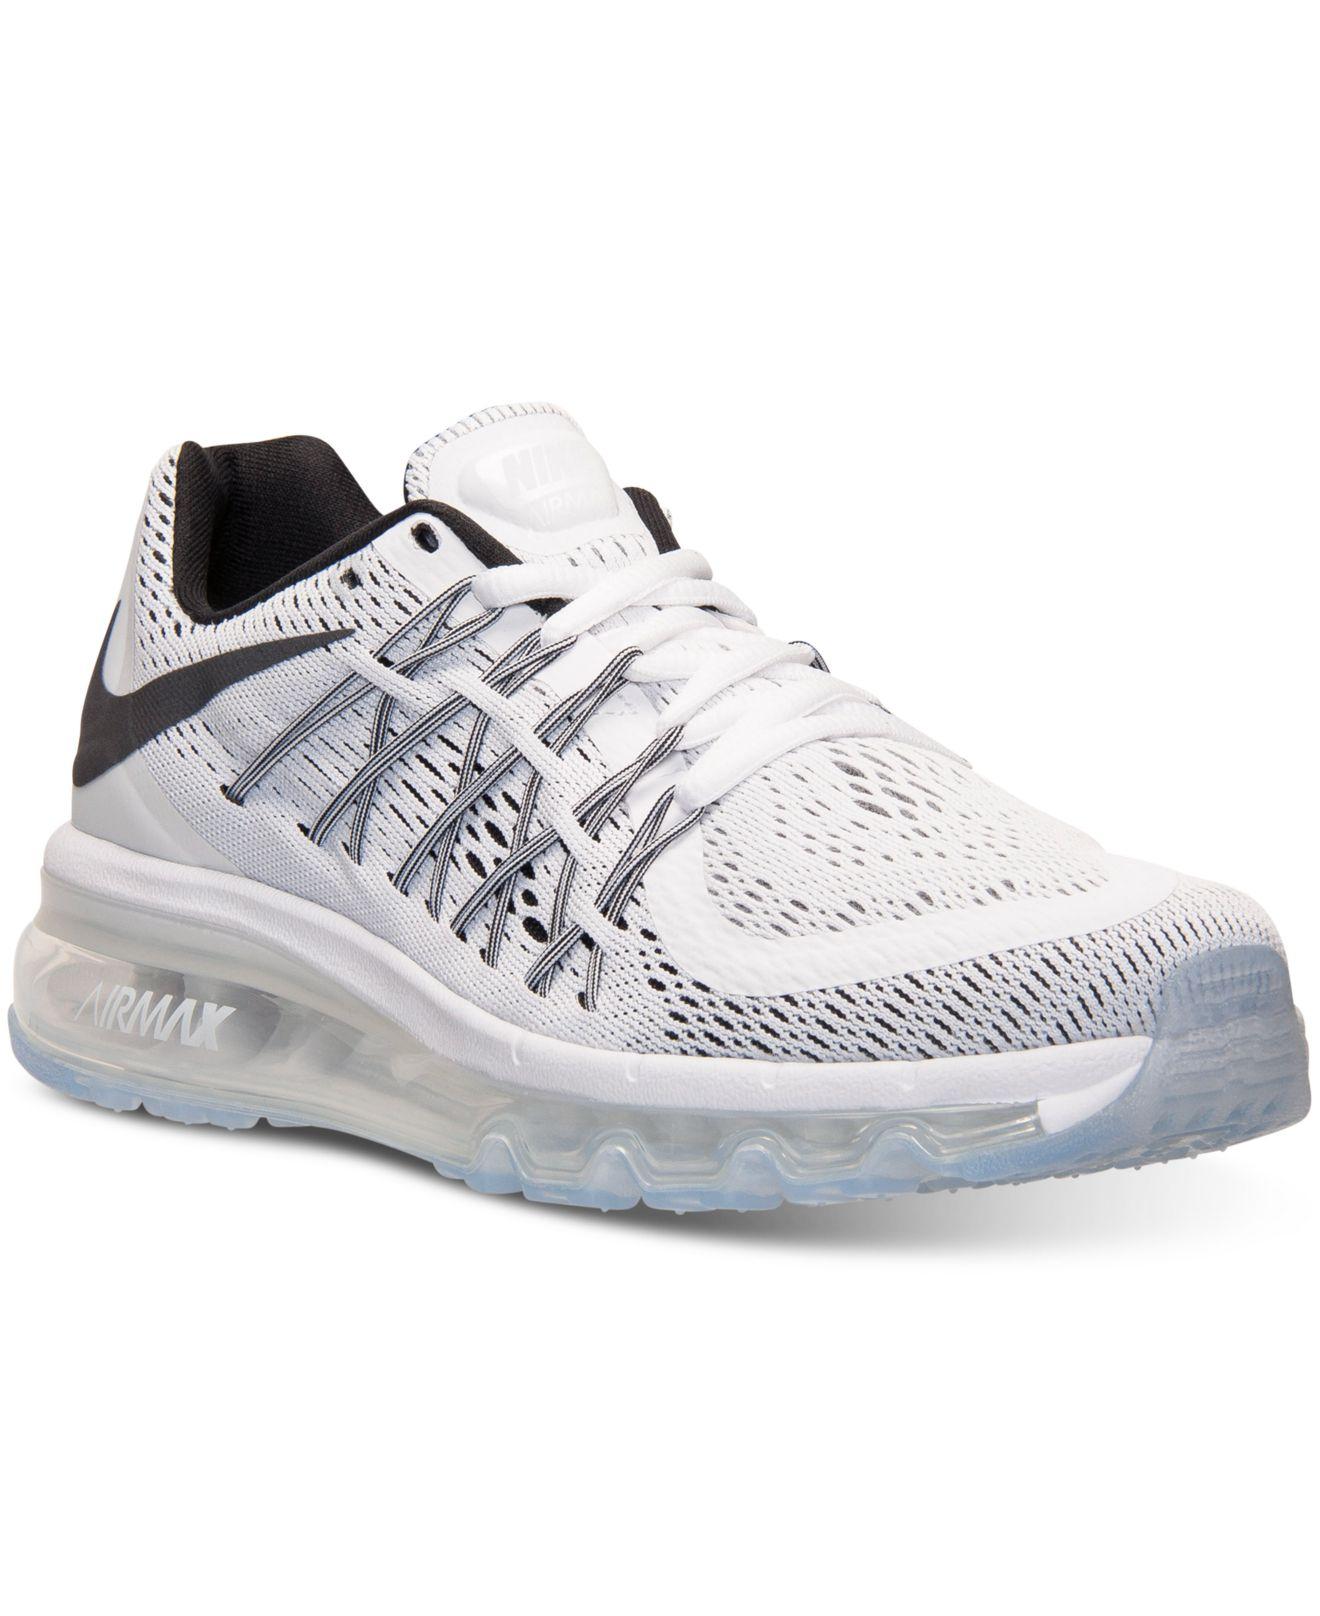 Nike Air Max Women 2015 White